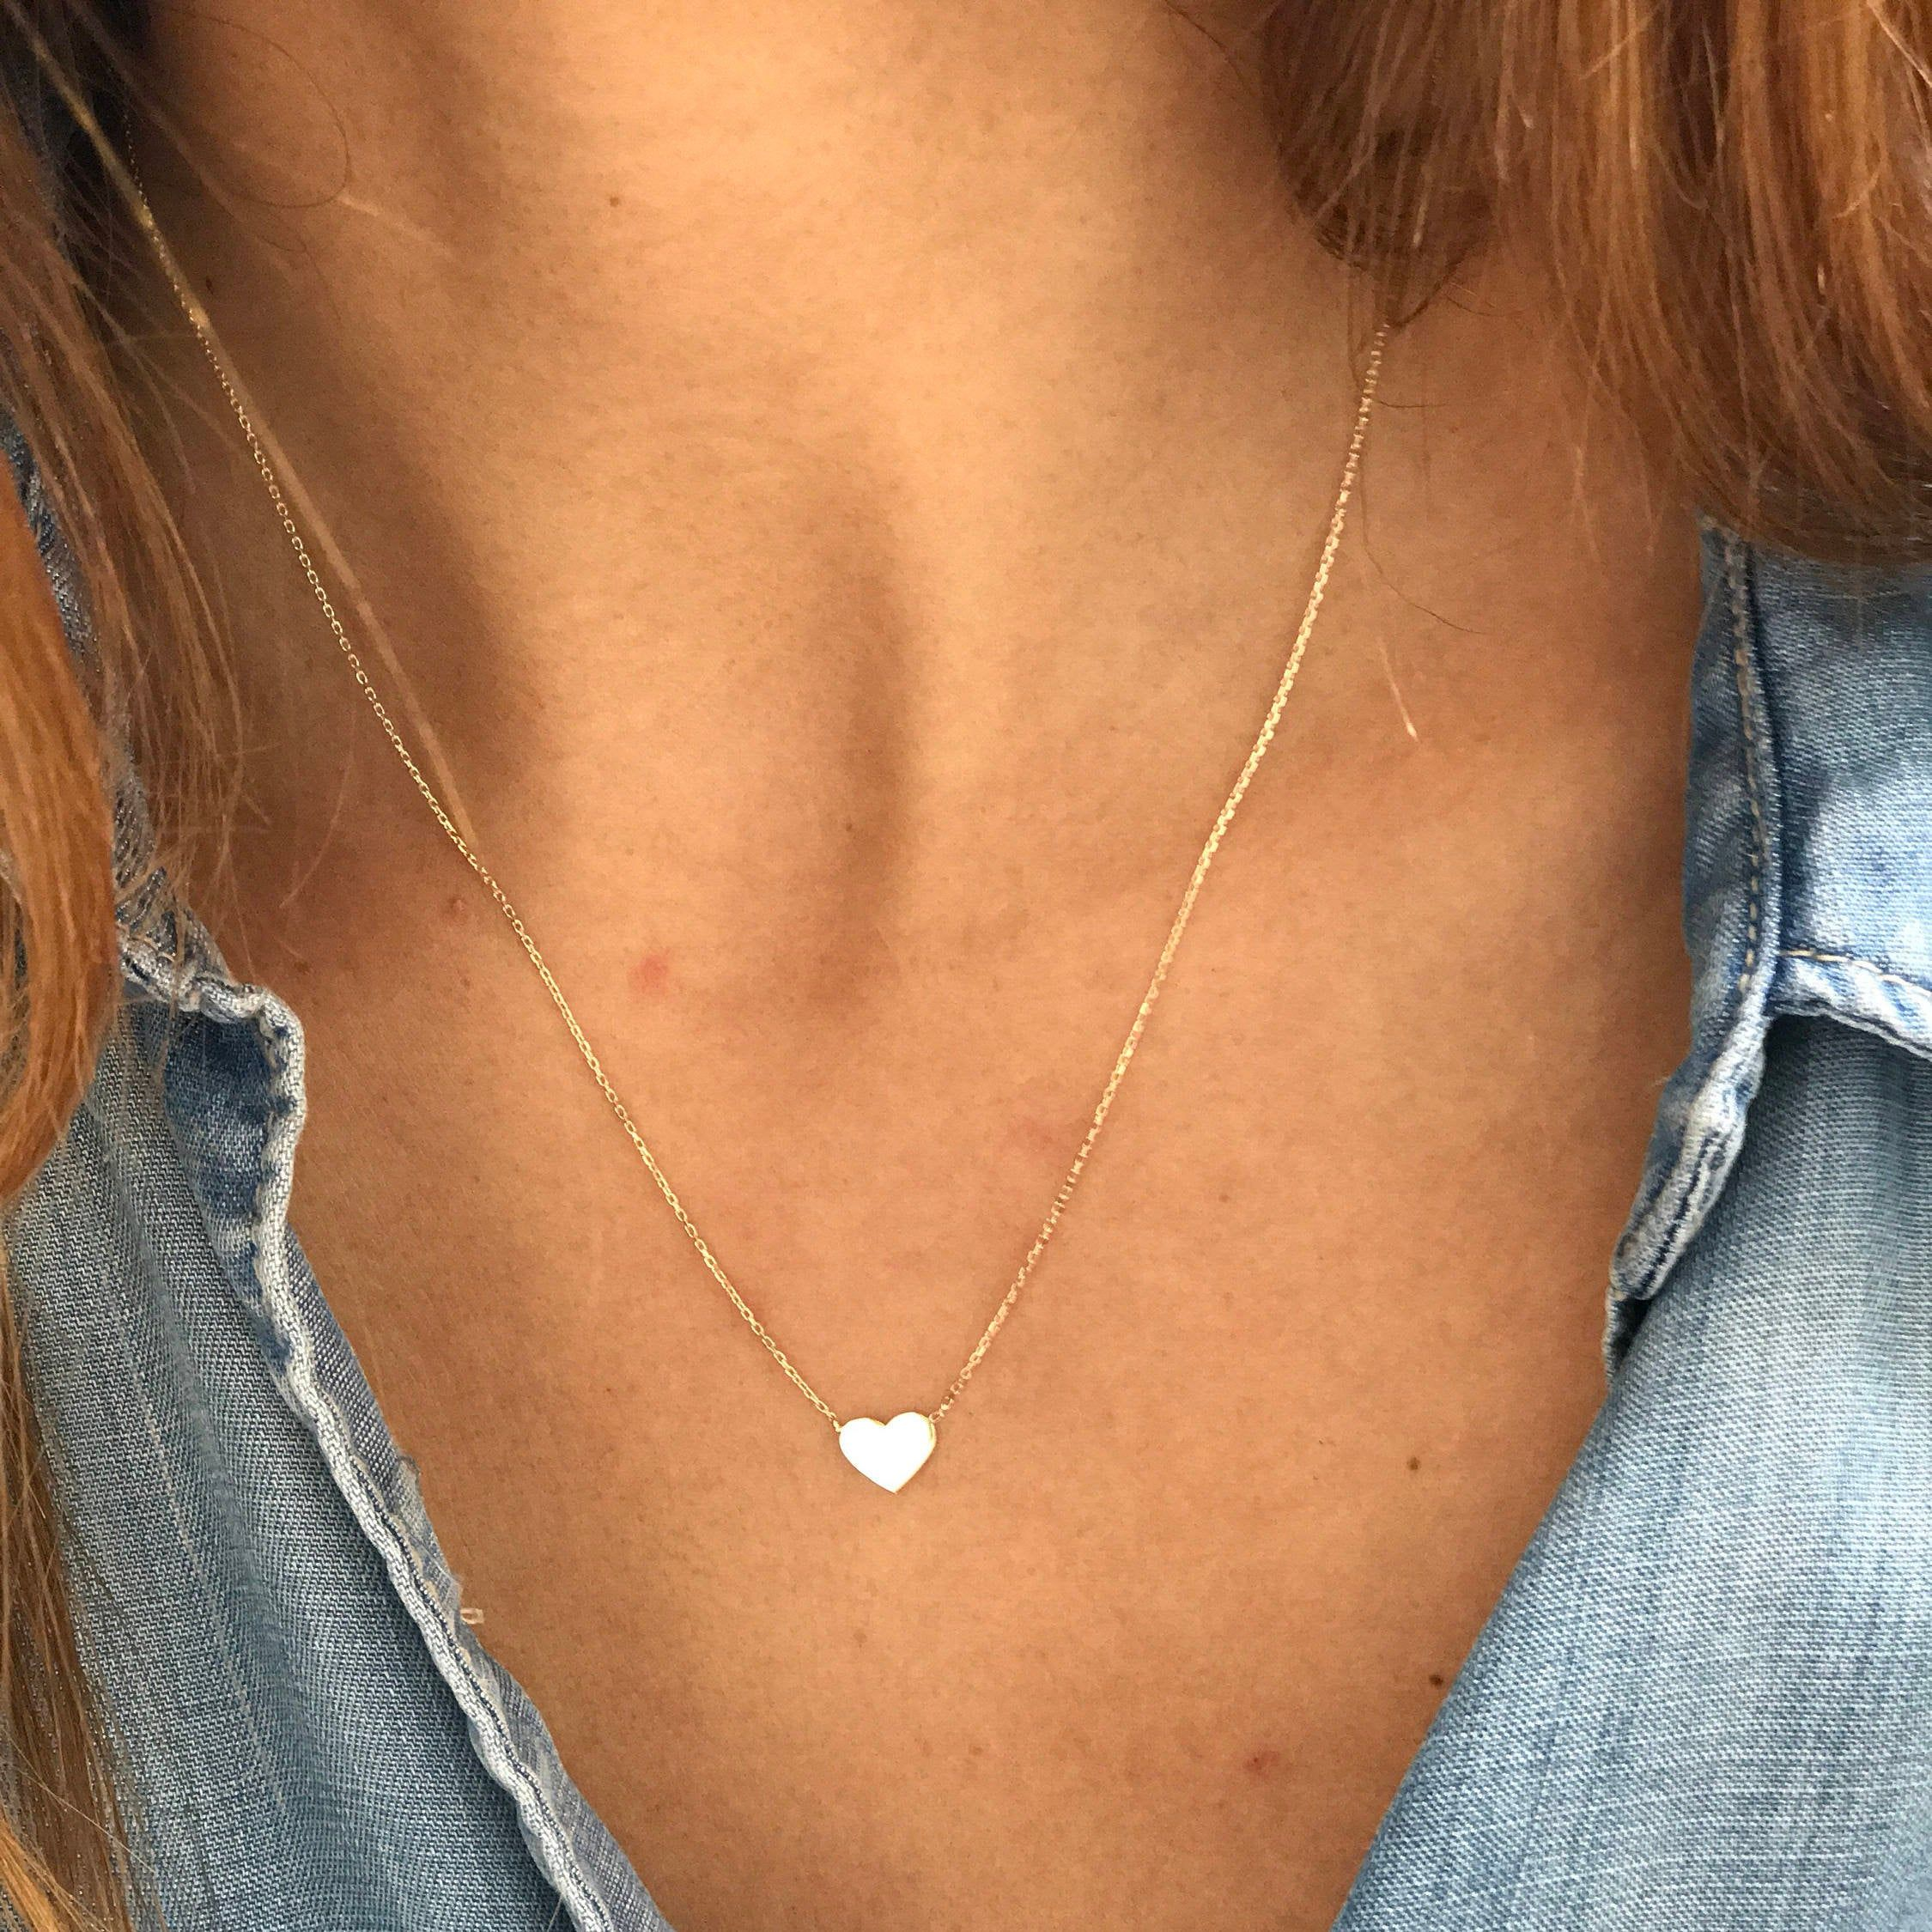 Véritable 14k Or Jaune Pendentif En Forme De Cœur /& Chaîne 14k solide or collier